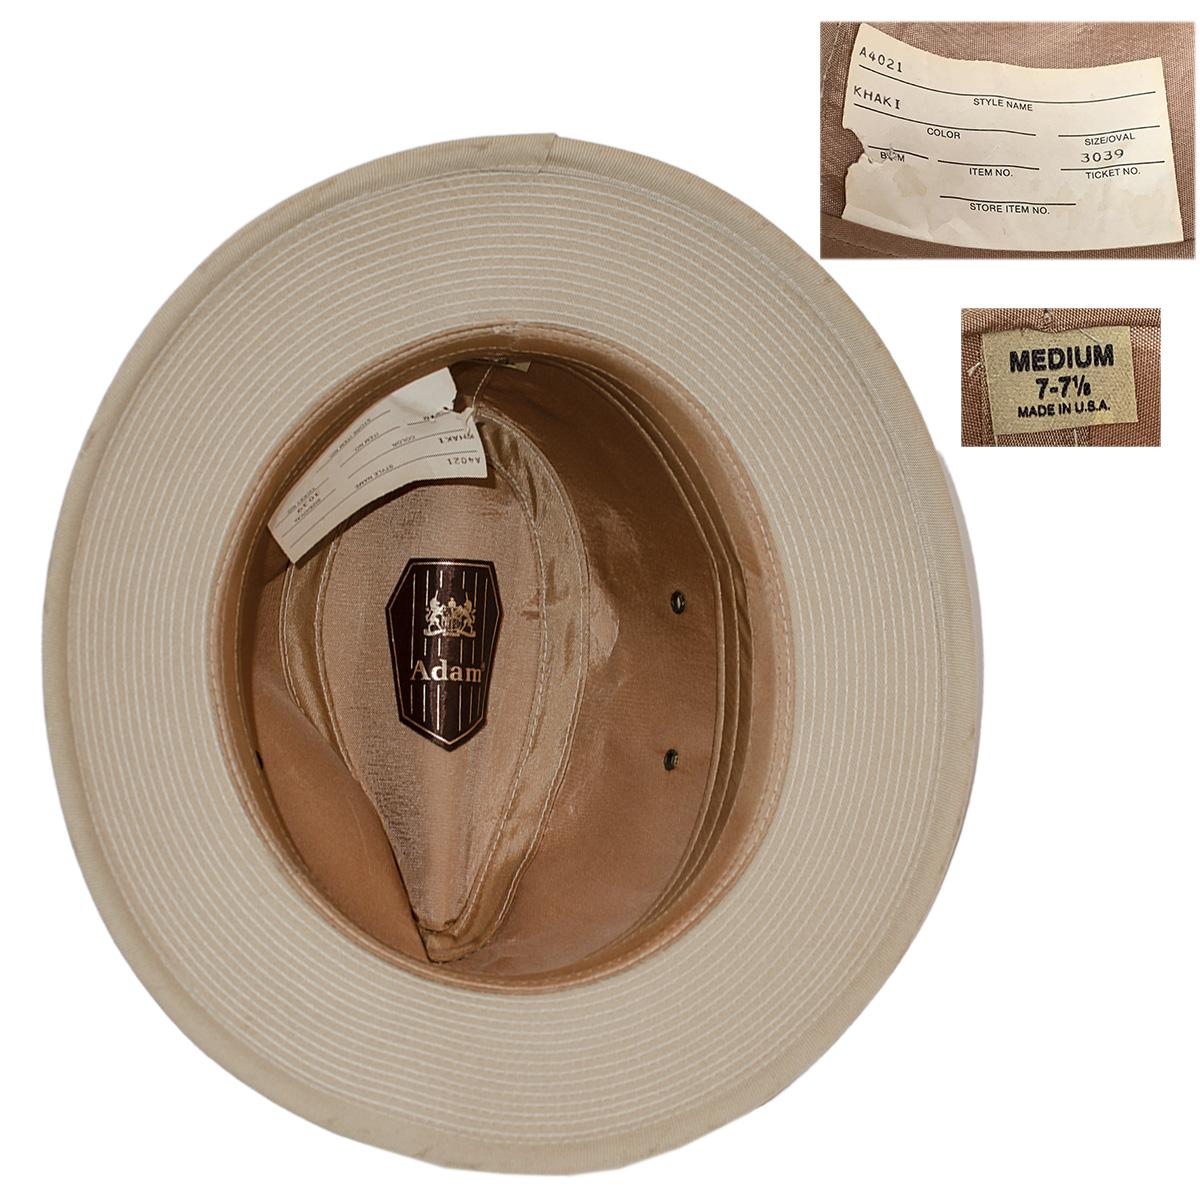 Adams Hats label